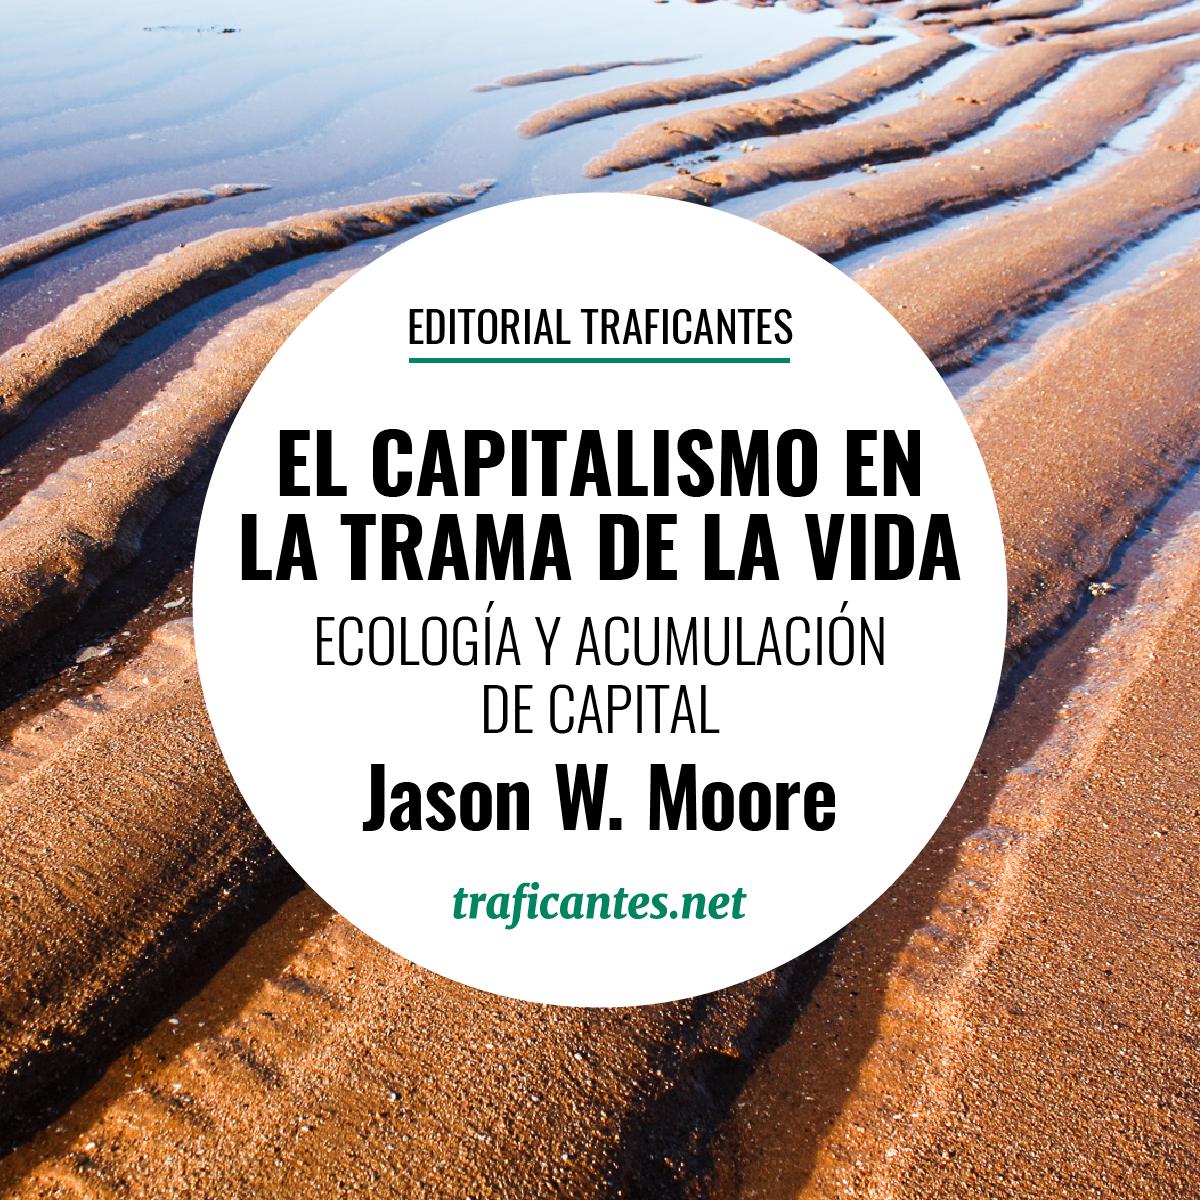 El libro de Jason W. Moore 'El capitalismo en la trama de la vida' es una contribución muy notable para entender lo que el título reza, que a su vez es determinante para comprender el presente.